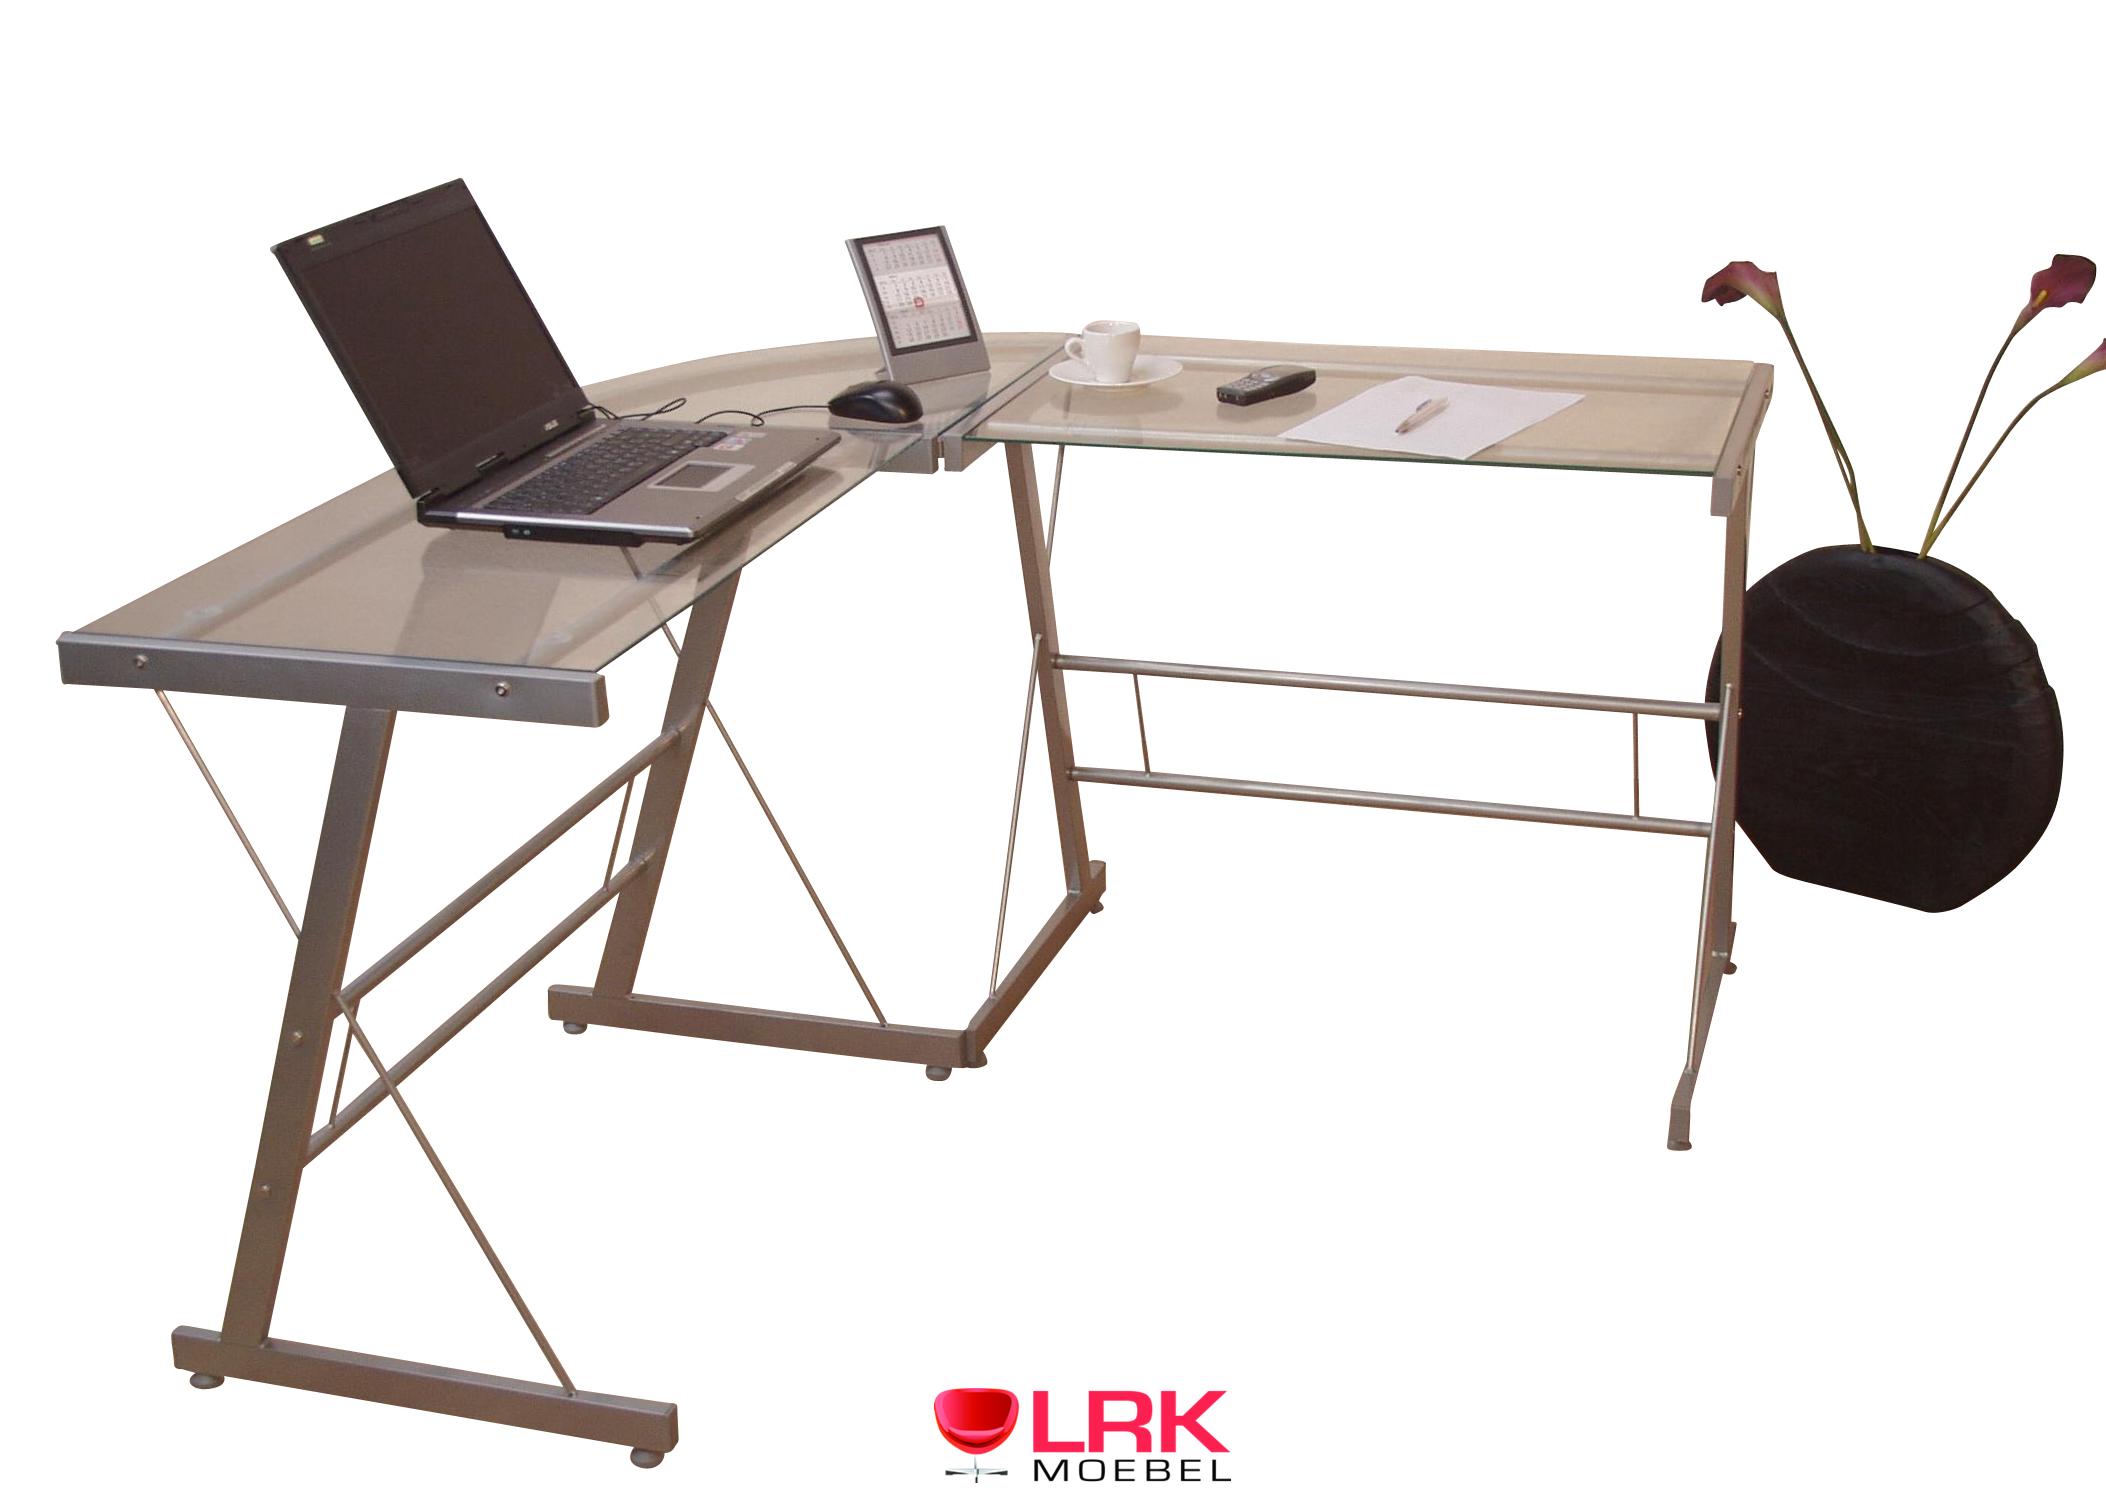 3919 schreibtisch winkeltisch computertisch m bel. Black Bedroom Furniture Sets. Home Design Ideas